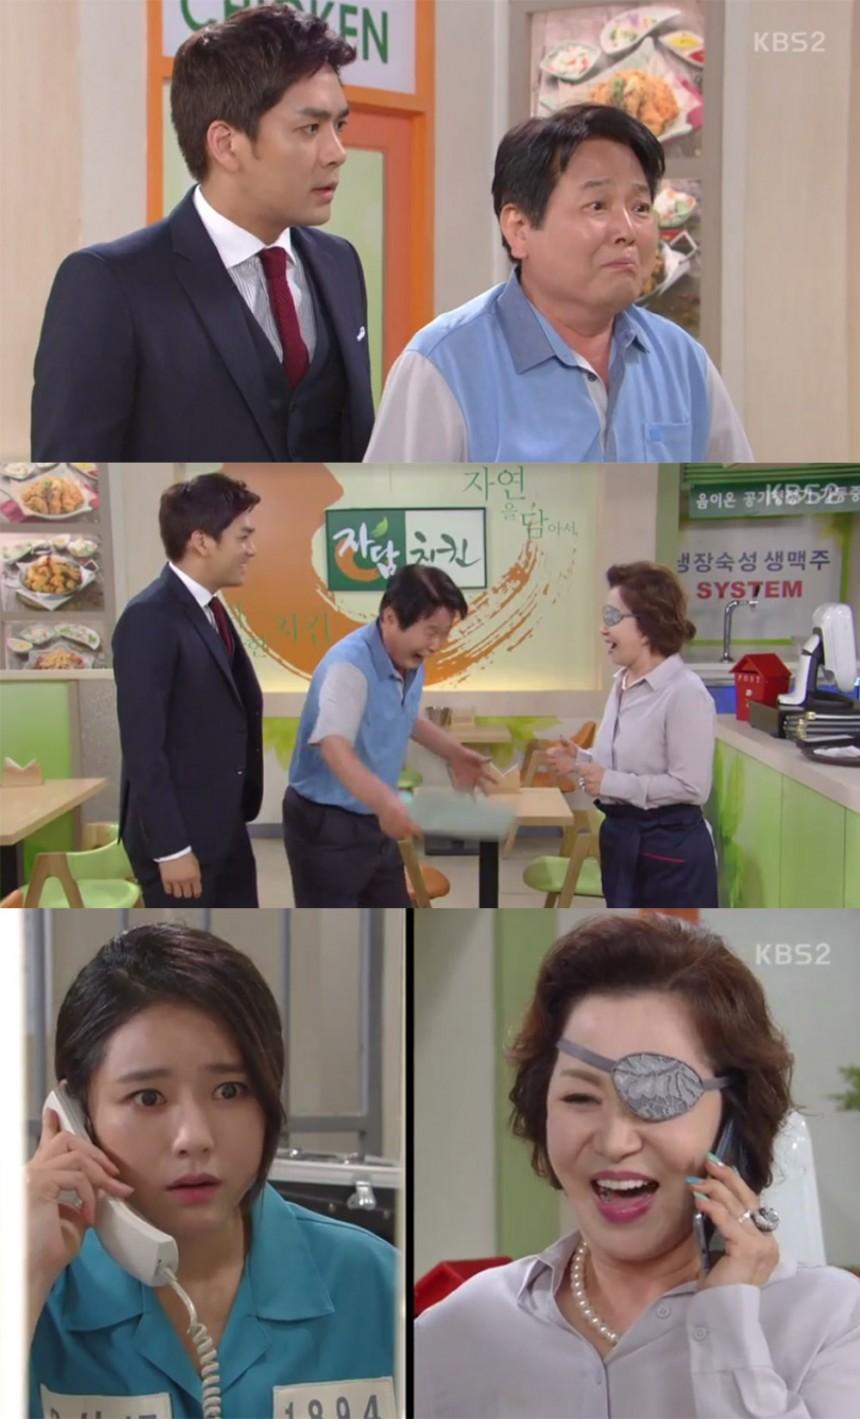 '이름 없는 여자' 출연진 / KBS  '이름 없는 여자' 방송 캡처